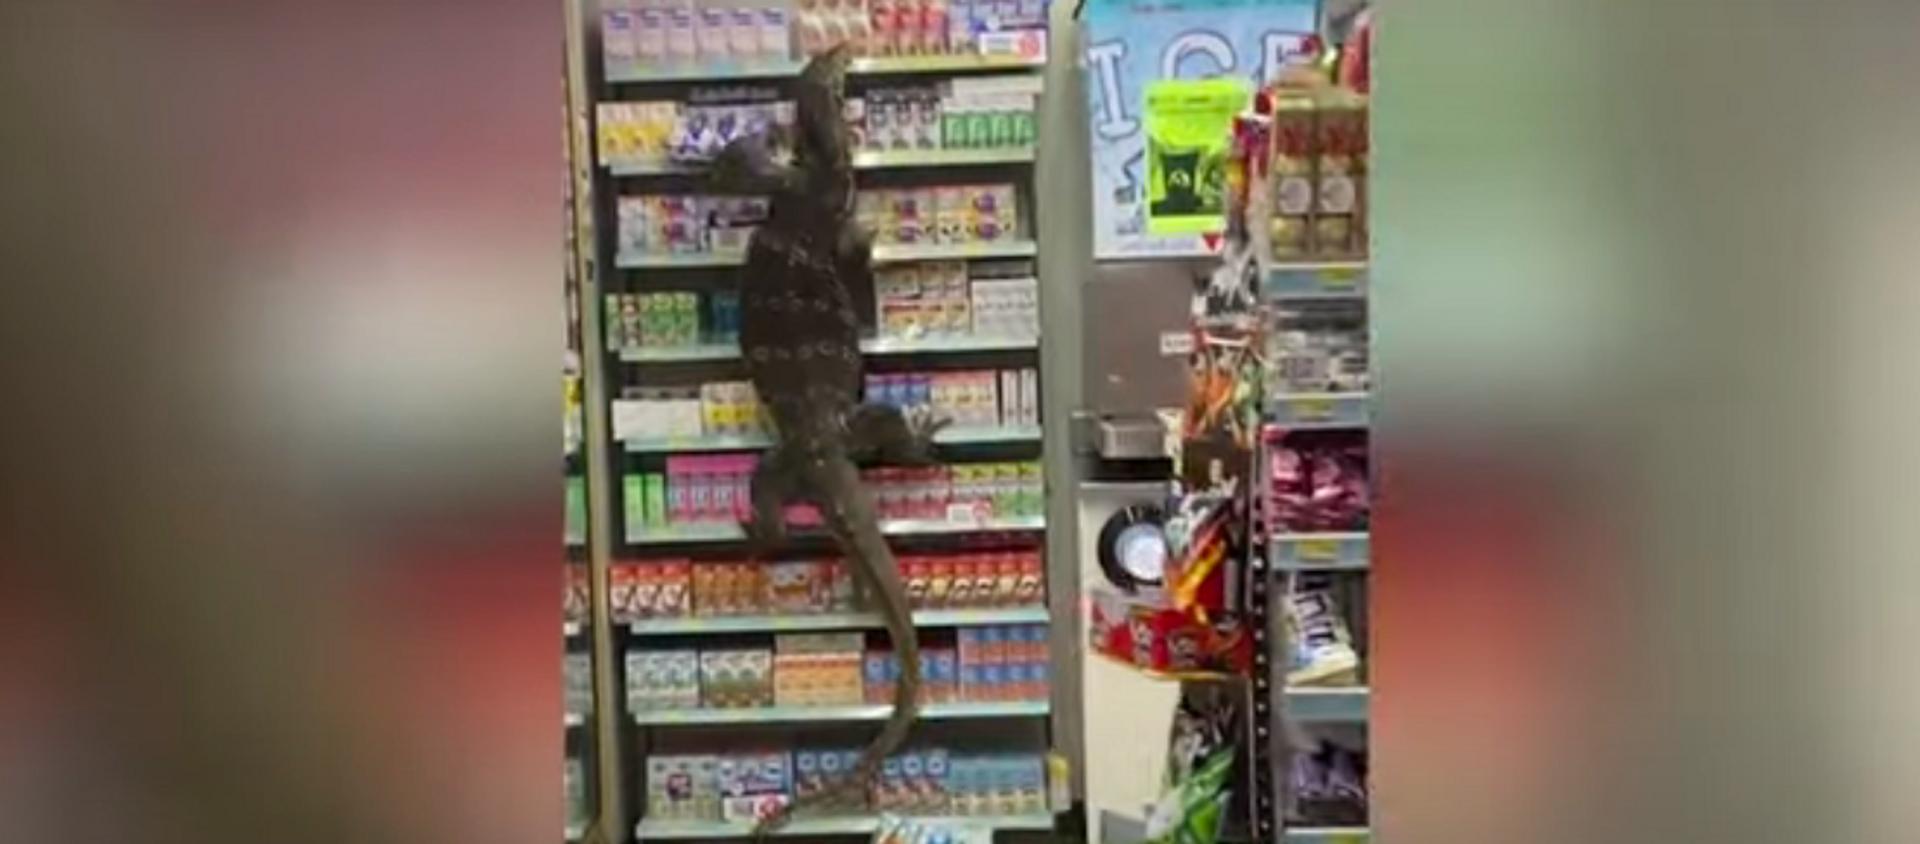 Thằn lằn đói bò trên kệ hàng trong siêu thị ở Thái Lan khiến khách hàng sợ hãi. - Sputnik Việt Nam, 1920, 09.04.2021